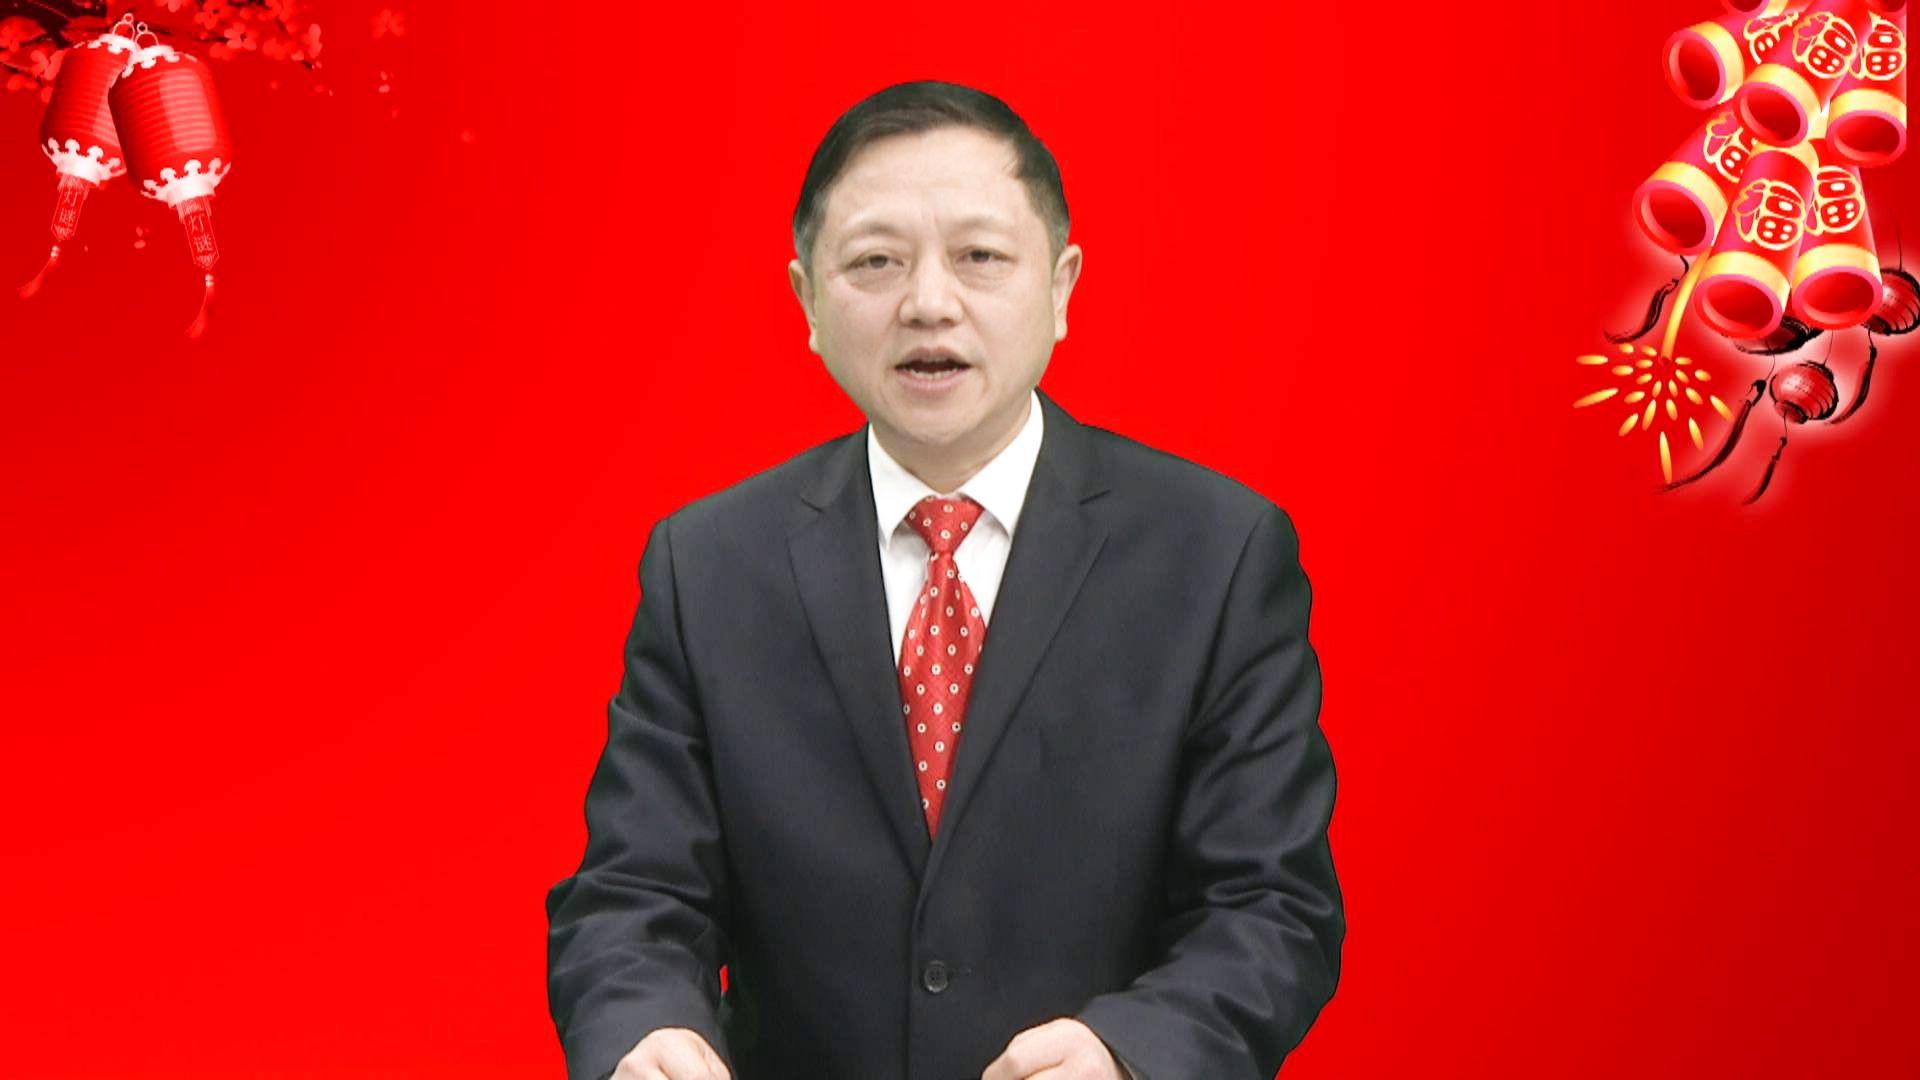 黄冈市委常委、红安县委书记余学武发表二0二0年新年贺词